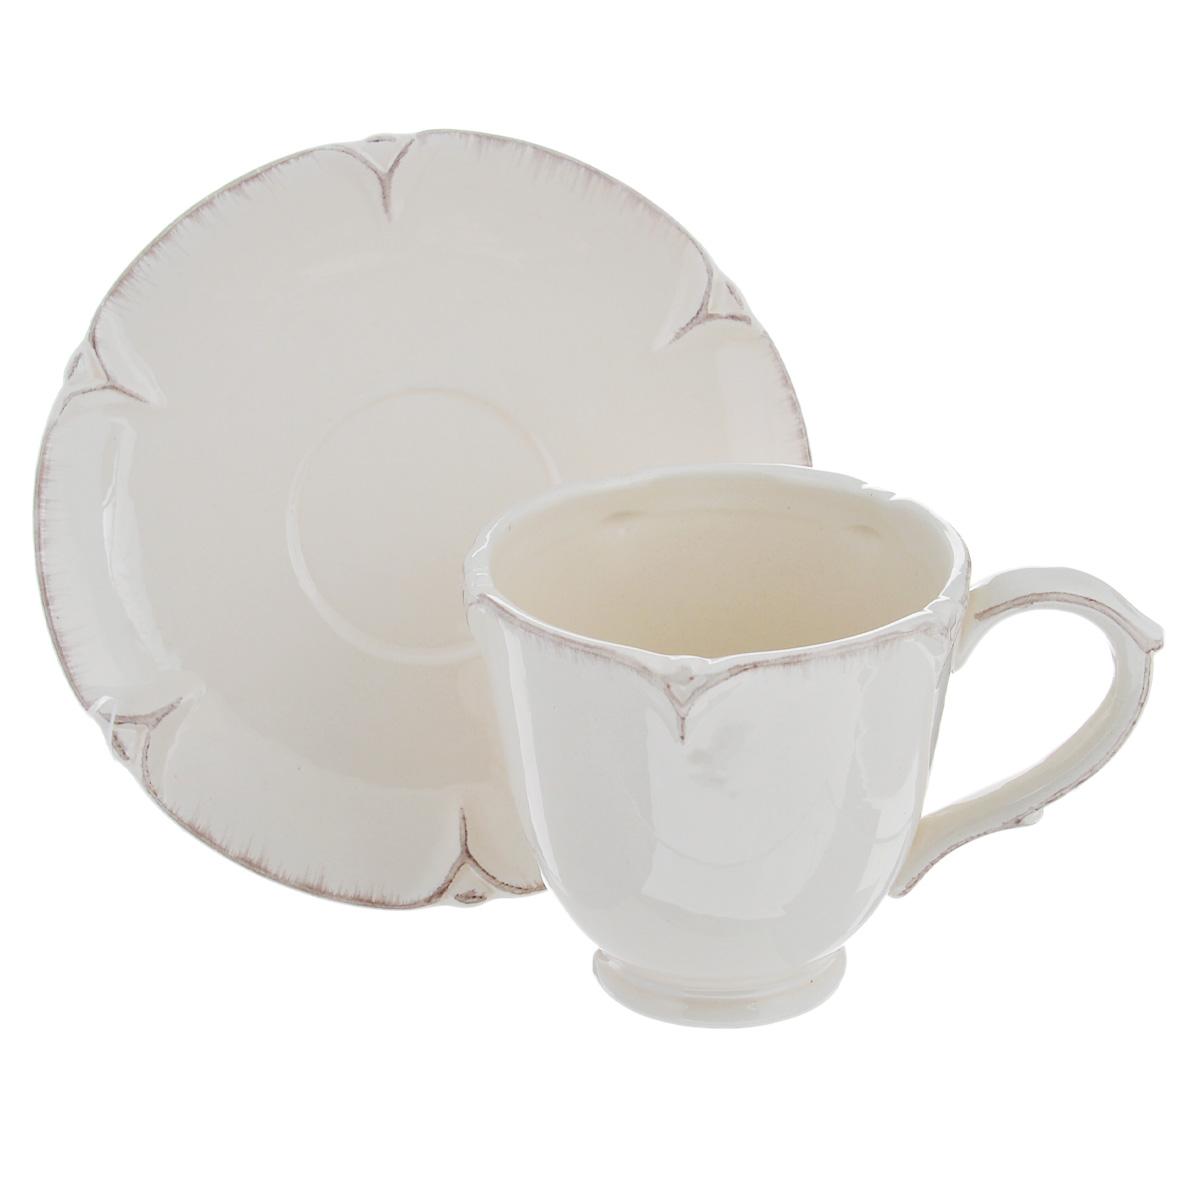 Чайная пара Lillo Ideal, 2 предмета. 214203214203Чайная пара Lillo Ideal сочетает в себе изысканный дизайн с максимальной функциональностью. Чашка с блюдцем выполнены из высококачественной керамики. Оформление придется по вкусу и ценителям классики, и тем, кто предпочитает утонченность и изысканность. Такая чайная пара станет отличным сувениром для ваших друзей и близких. Можно использовать в посудомоечной машине и микроволновой печи. Диаметр чашки по верхнему краю: 9 см. Высота чашки: 9 см. Объем чашки: 300 мл. Диаметр блюдца: 15 см.